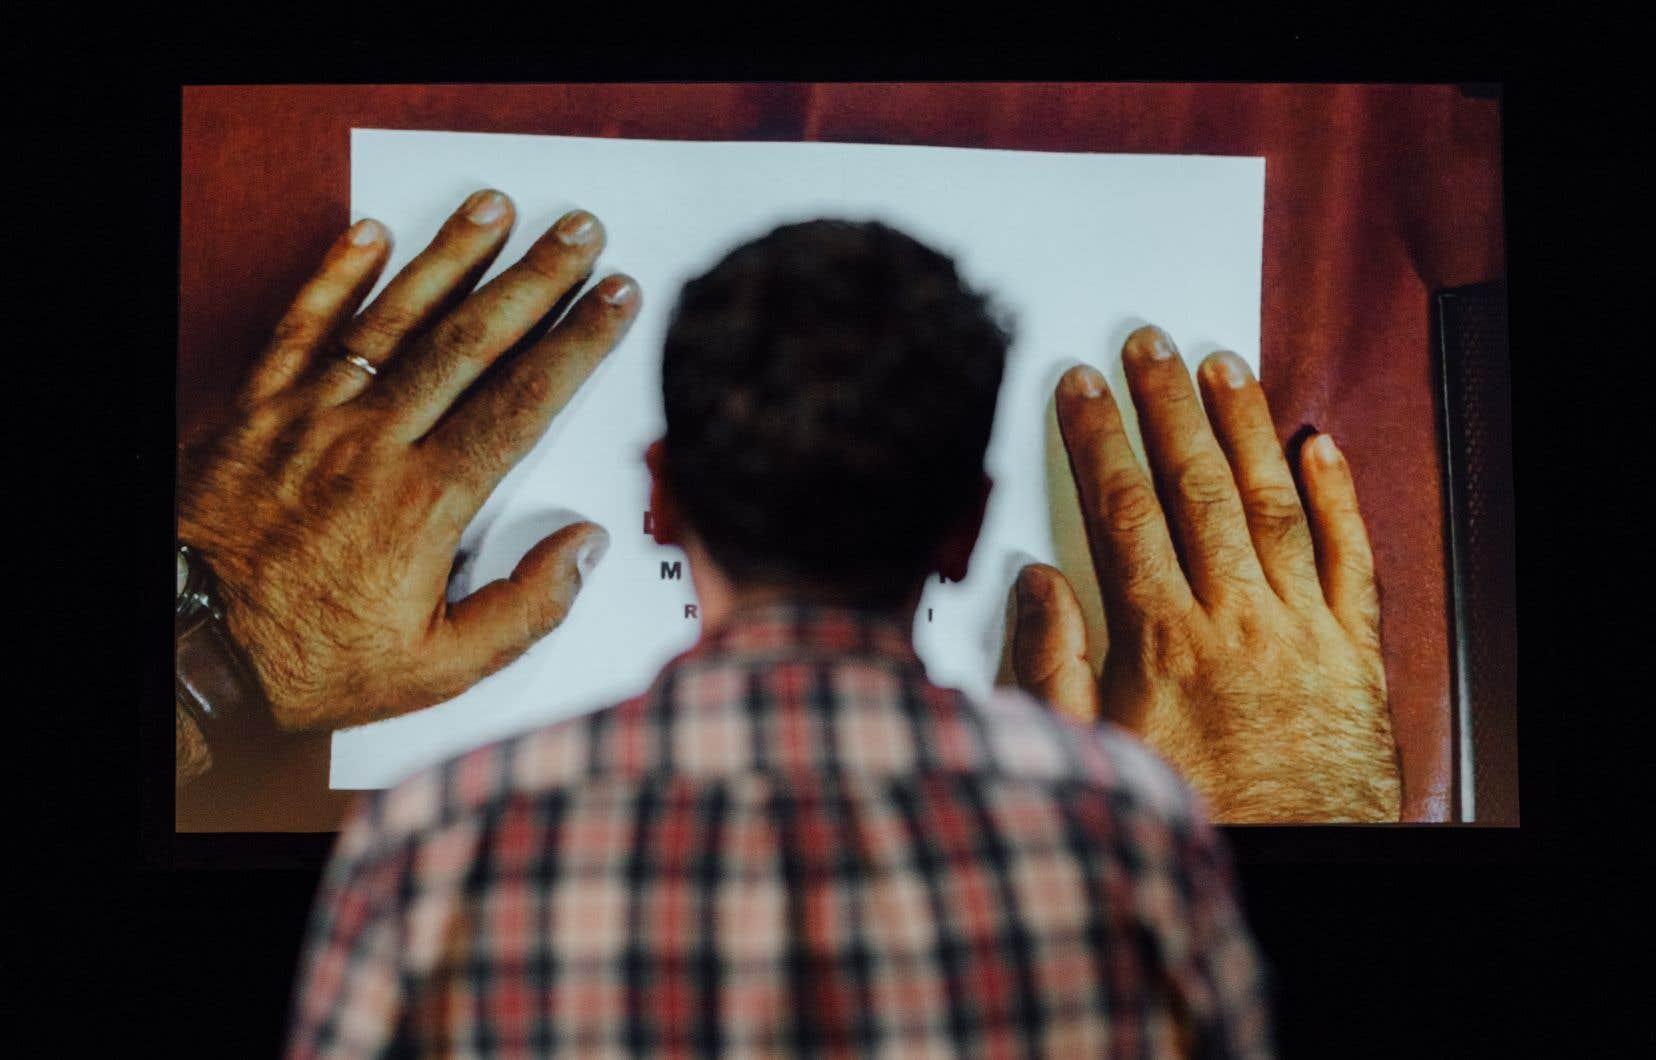 Ses mains projetées sur un écran en fond de scène, Nassim tourne les pages et accompagne la comédienne à qui il demande de raconter son histoire pour lui.